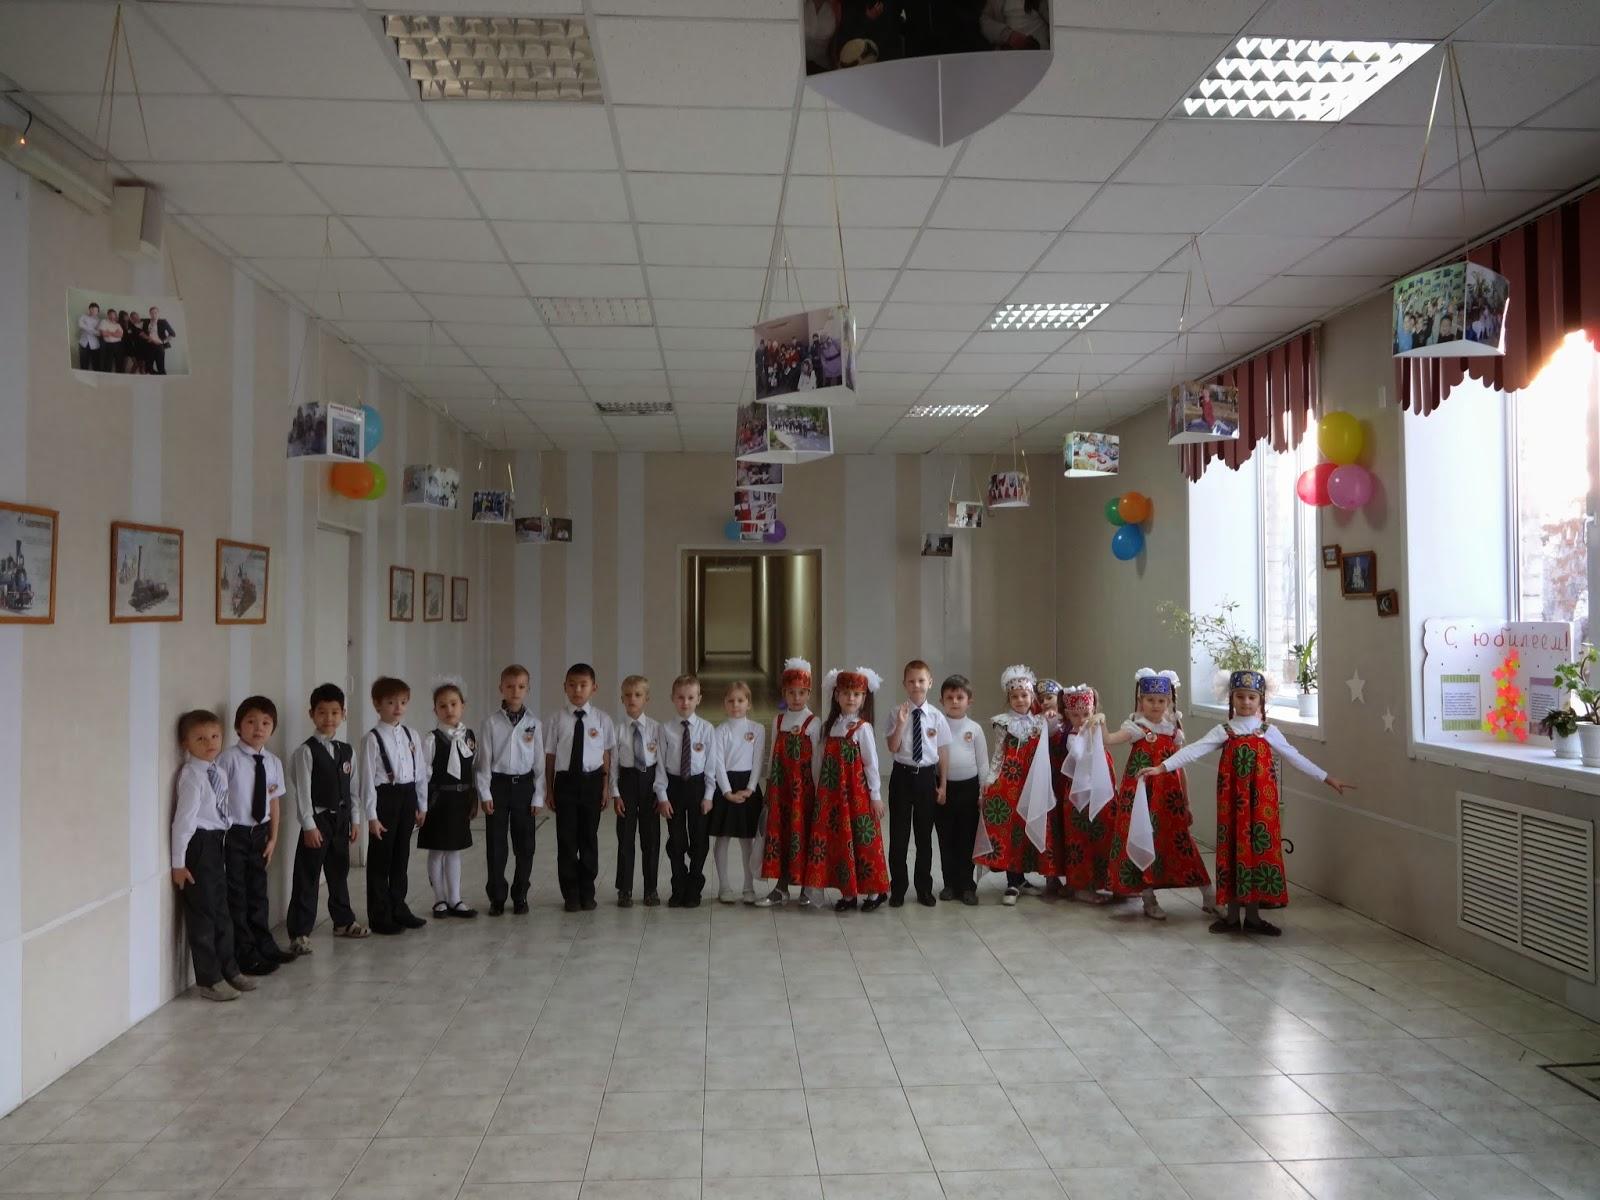 Приглашение на 50 летие школы картинки